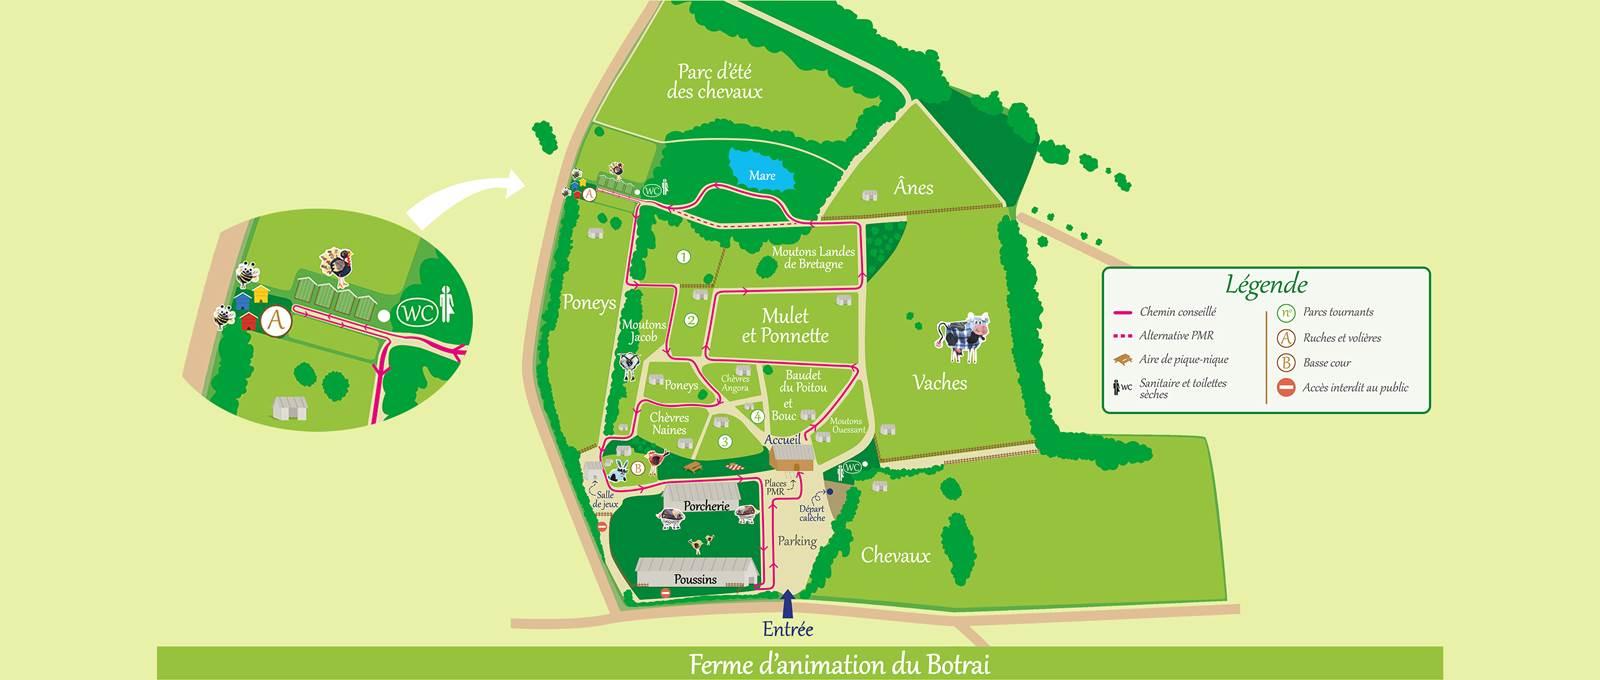 Parcourez le site de la ferme du Botrai grâce au plan de visite